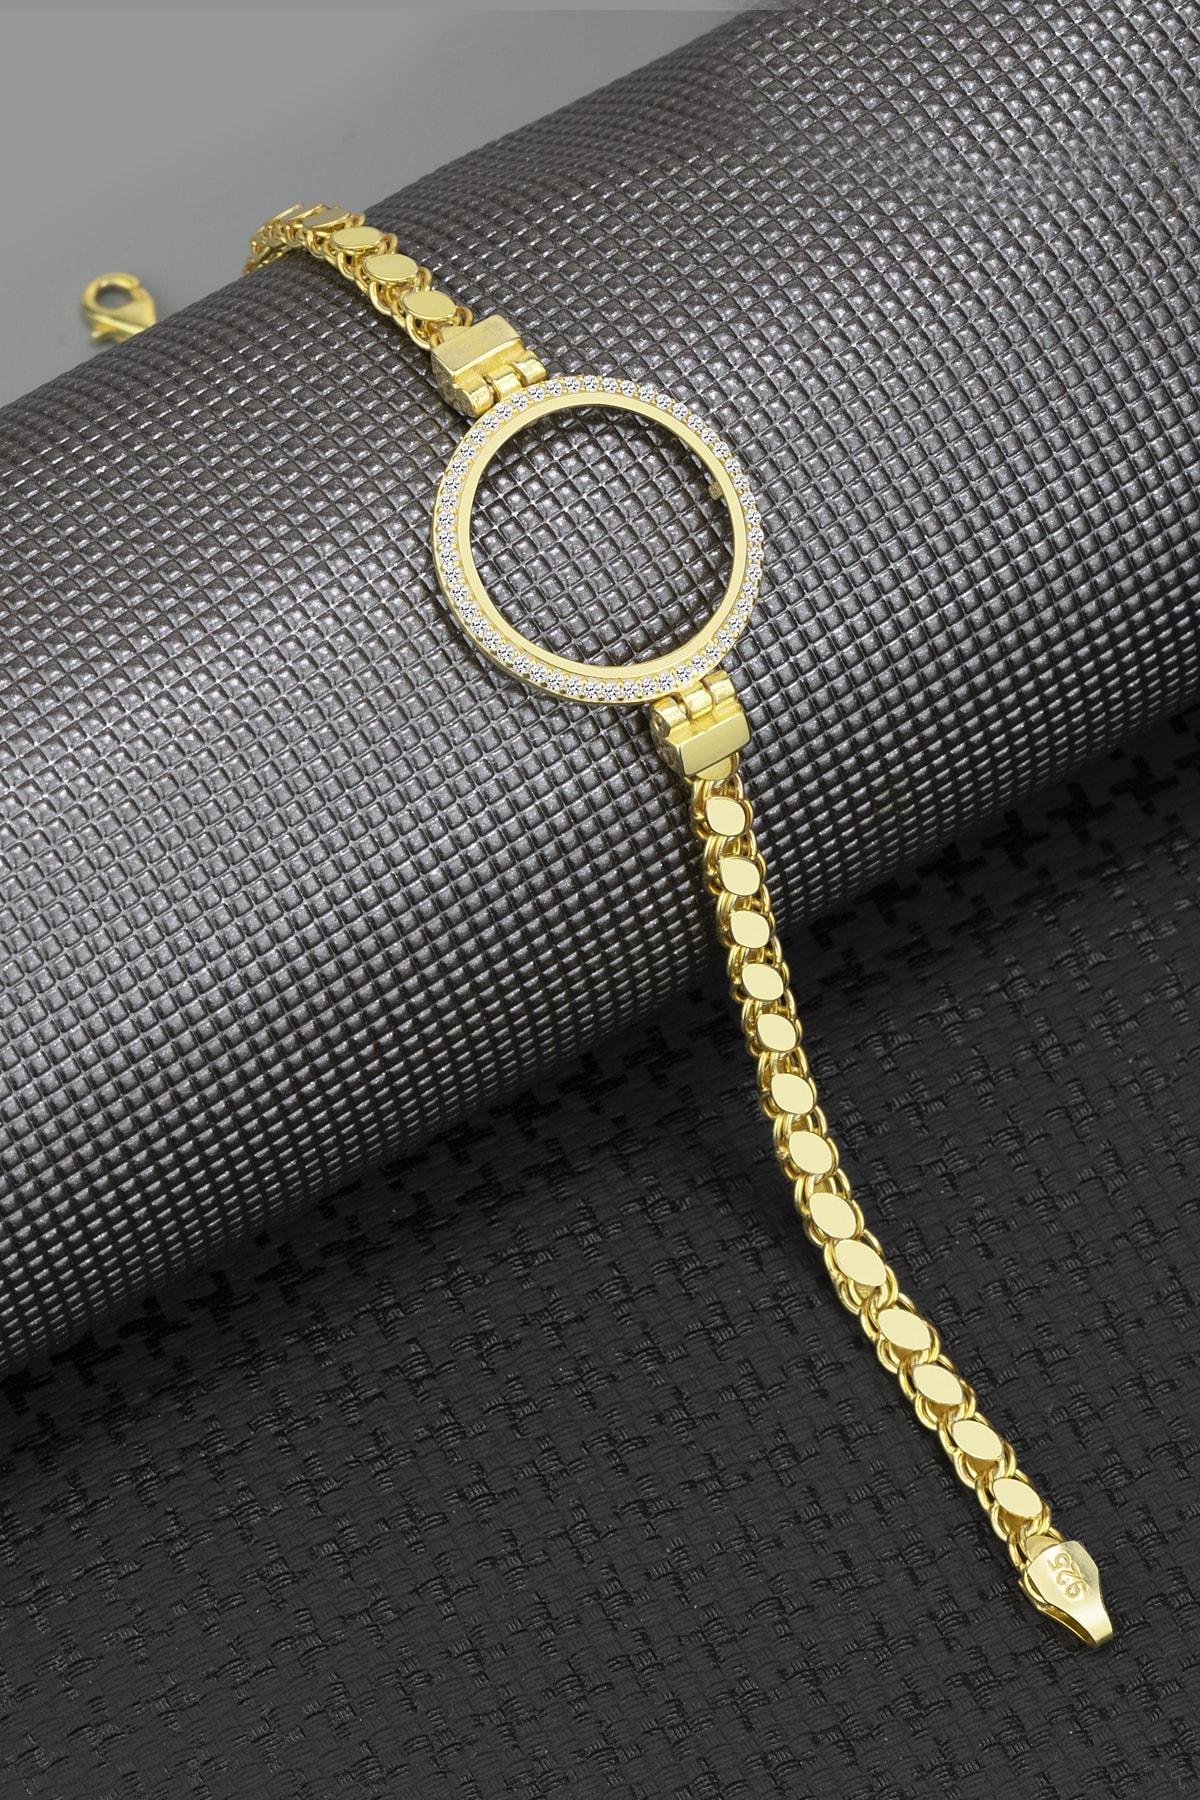 Else Silver Kadın Gold Pullu Zincirli Çeyreklik Gümüş Bileklik 1